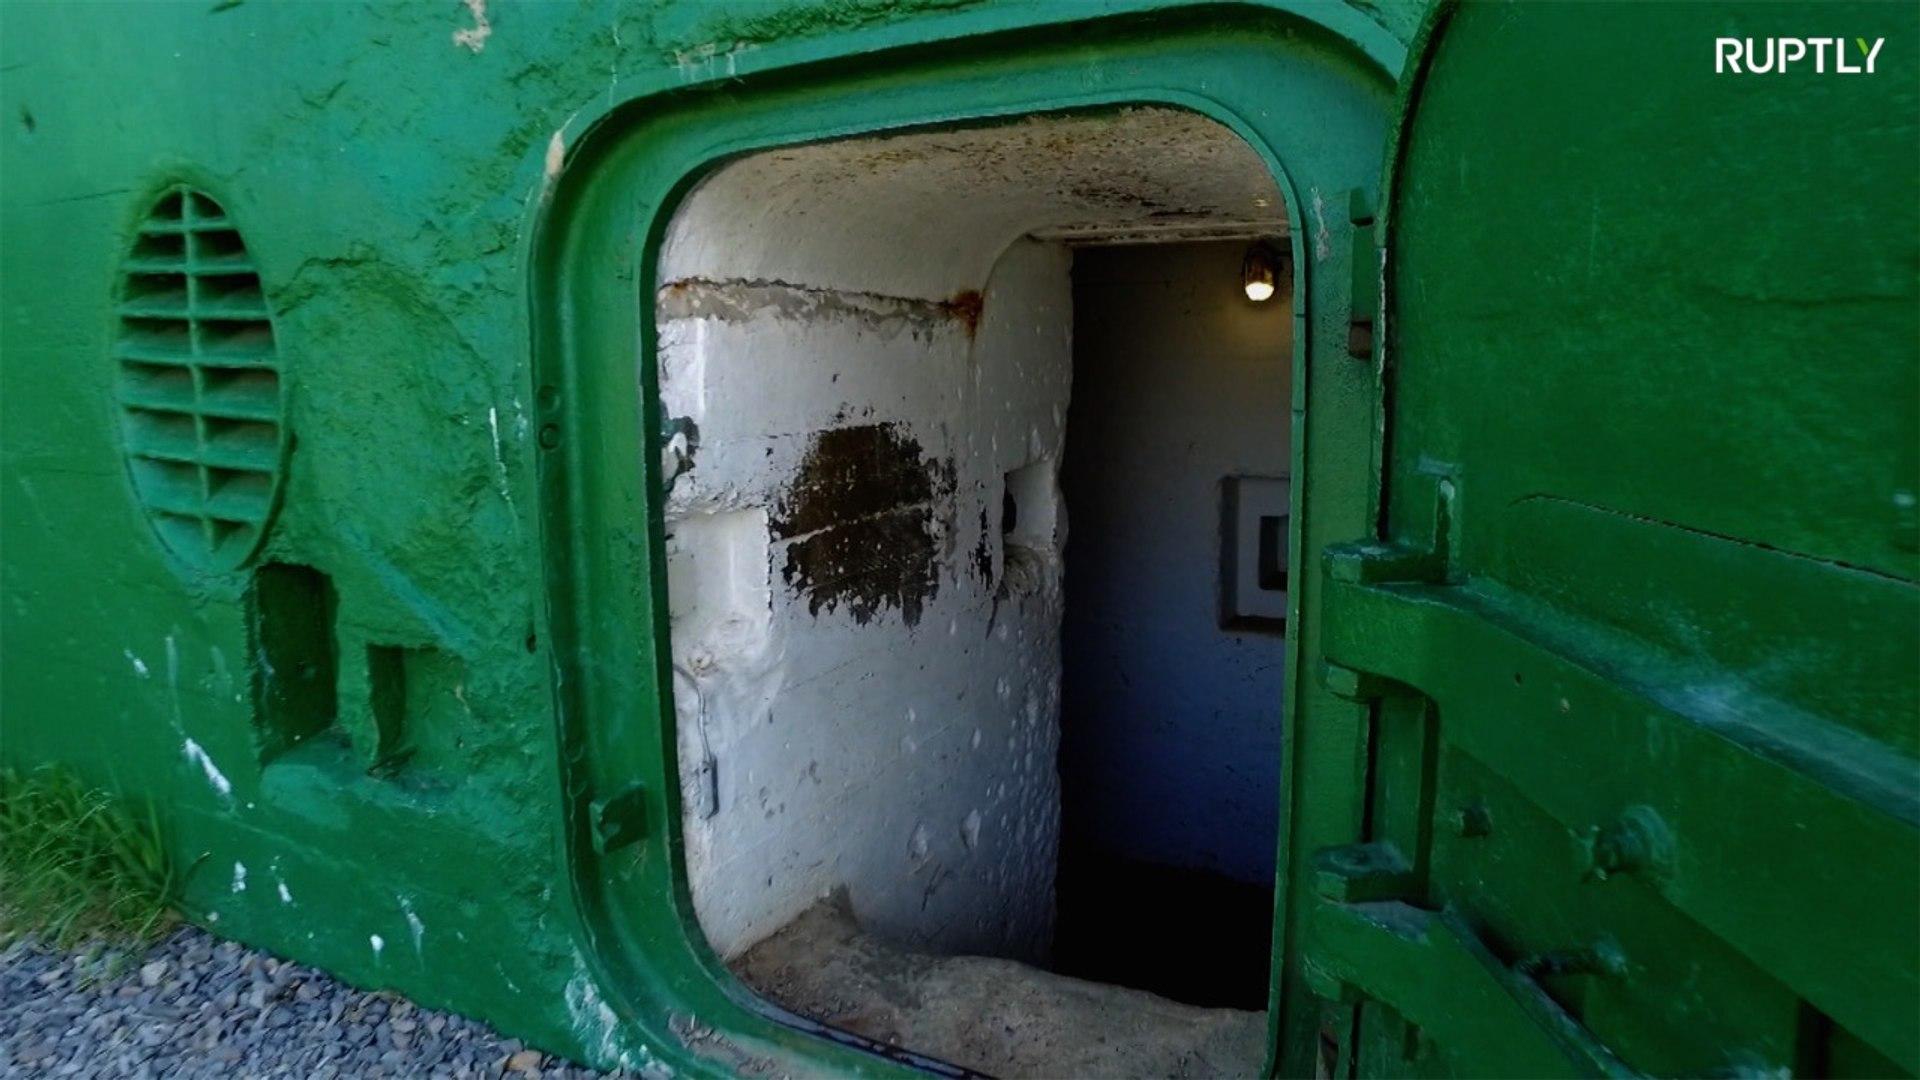 شاهد النفق الذي استخدمه النازيون أيام الحرب